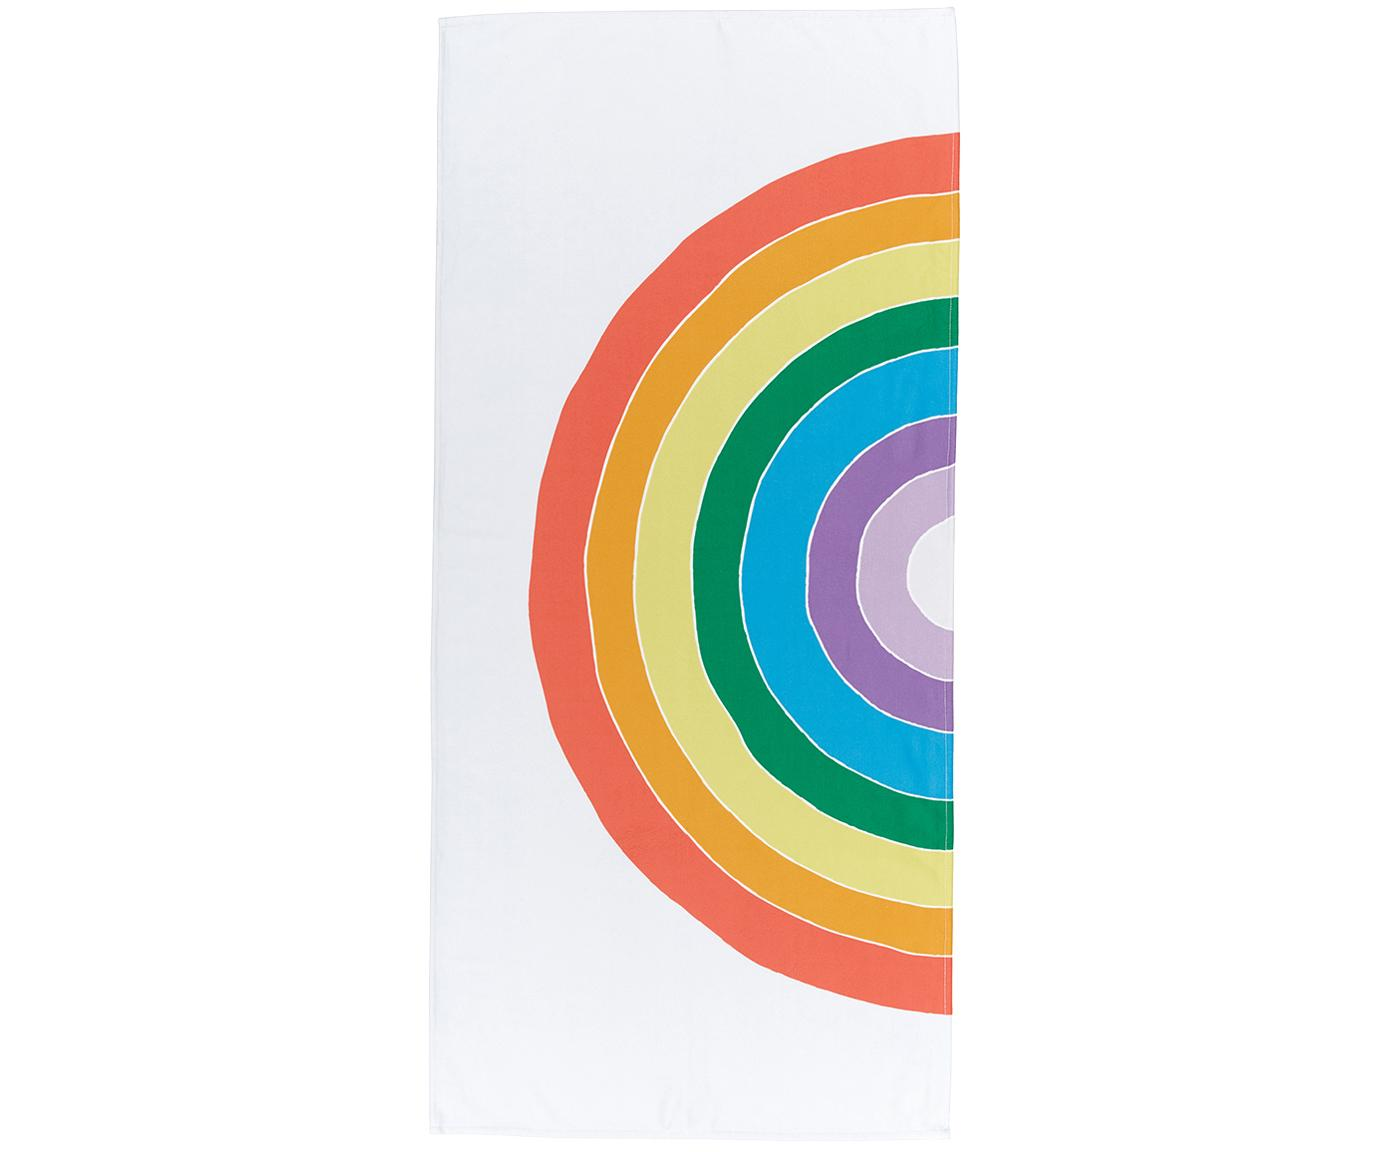 Telo mare leggero con motivo arcobaleno Rainbow, 55% poliestere, 45% cotone, qualità molto leggera 340 g/m², Multicolore, Larg. 70 x Lung. 150 cm